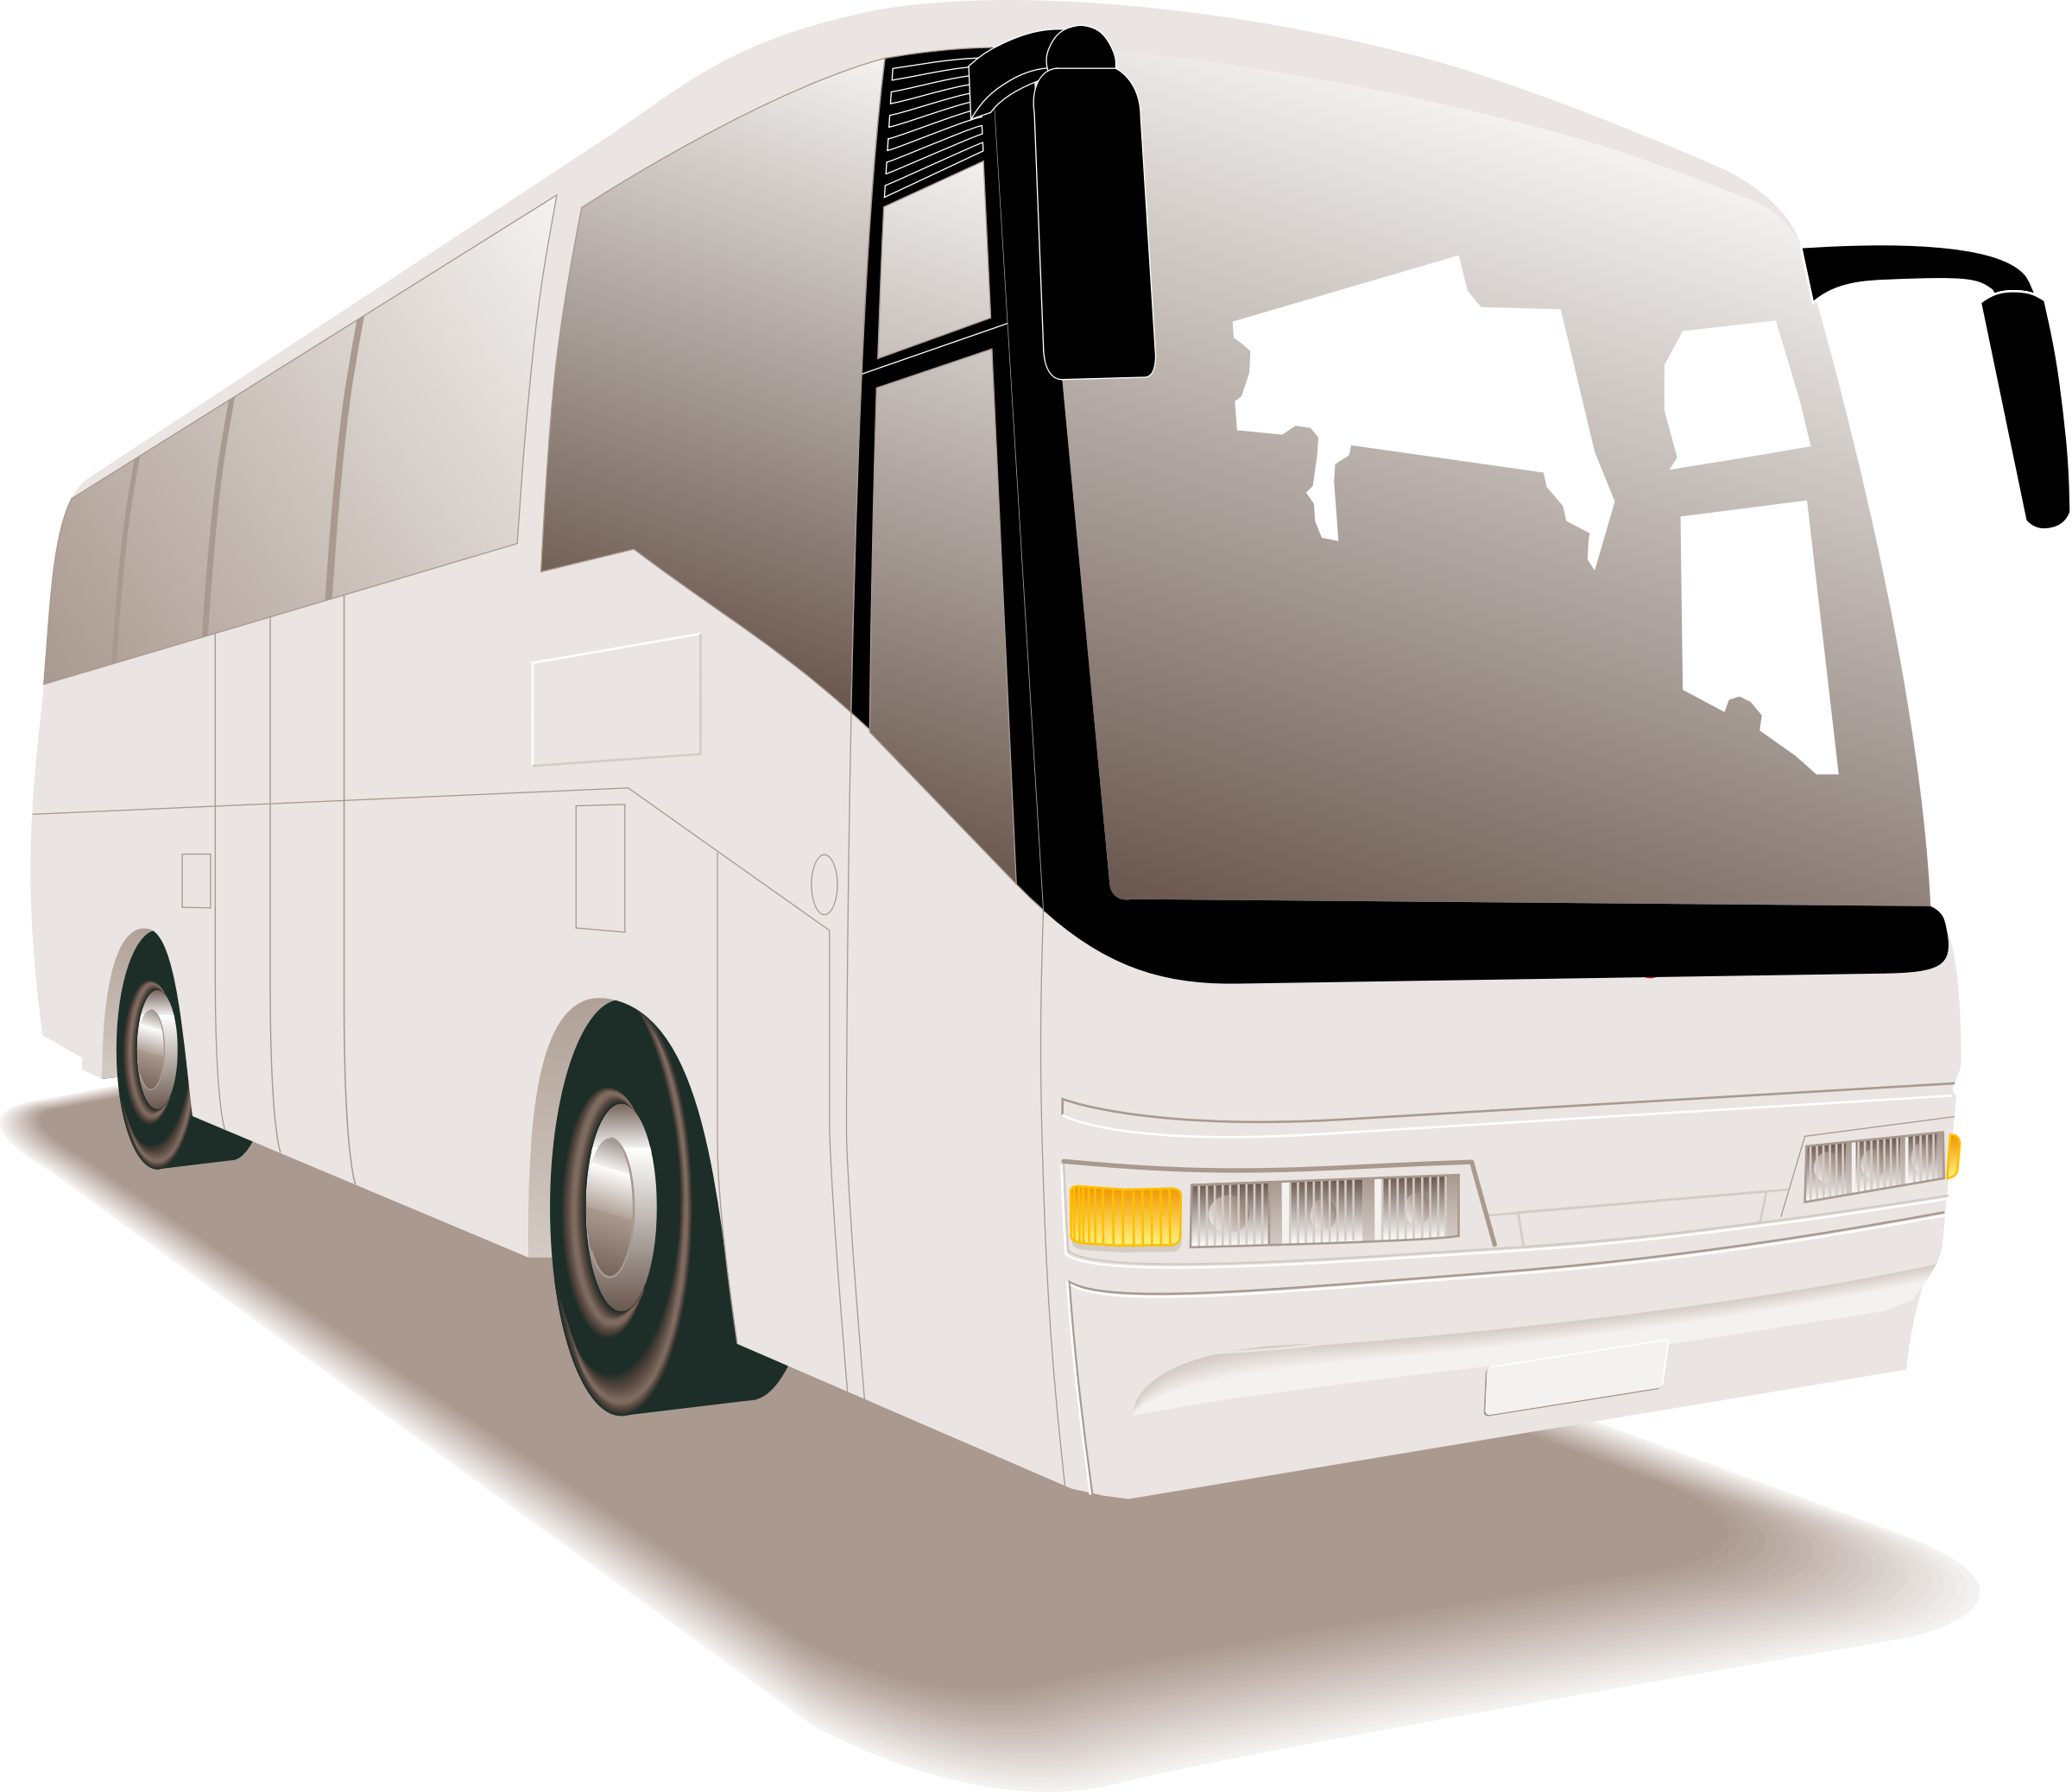 PNG Tour Bus - 56997